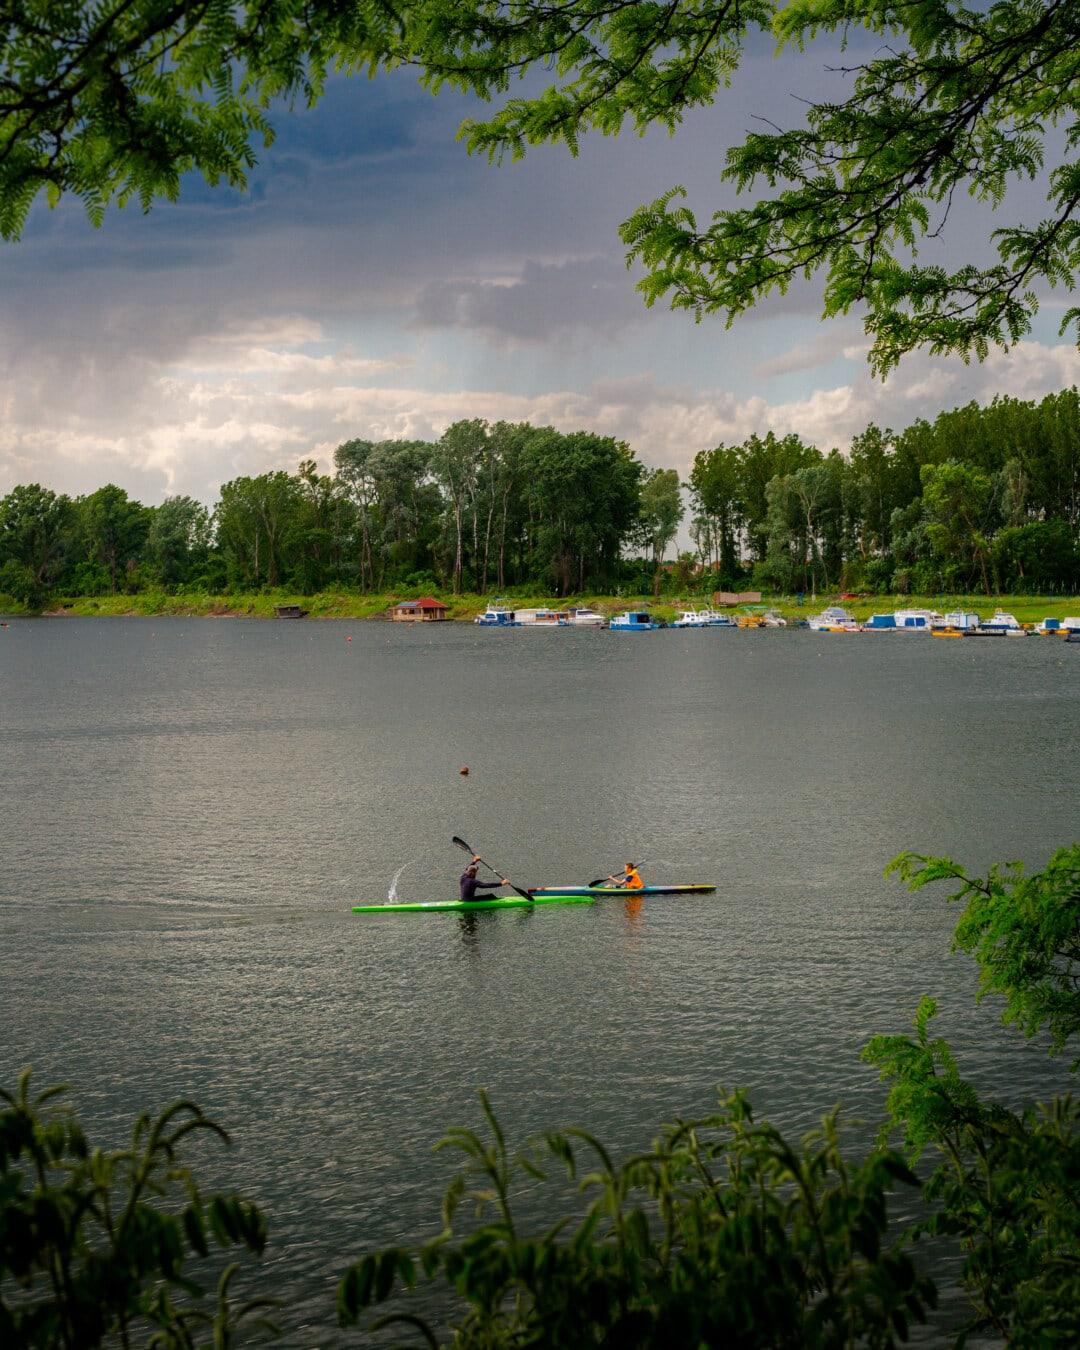 Kajak fahren, Kajak fahren, Wasser, See, Landschaft, Land, Kanu, Feuchtgebiet, Fluss, Paddel